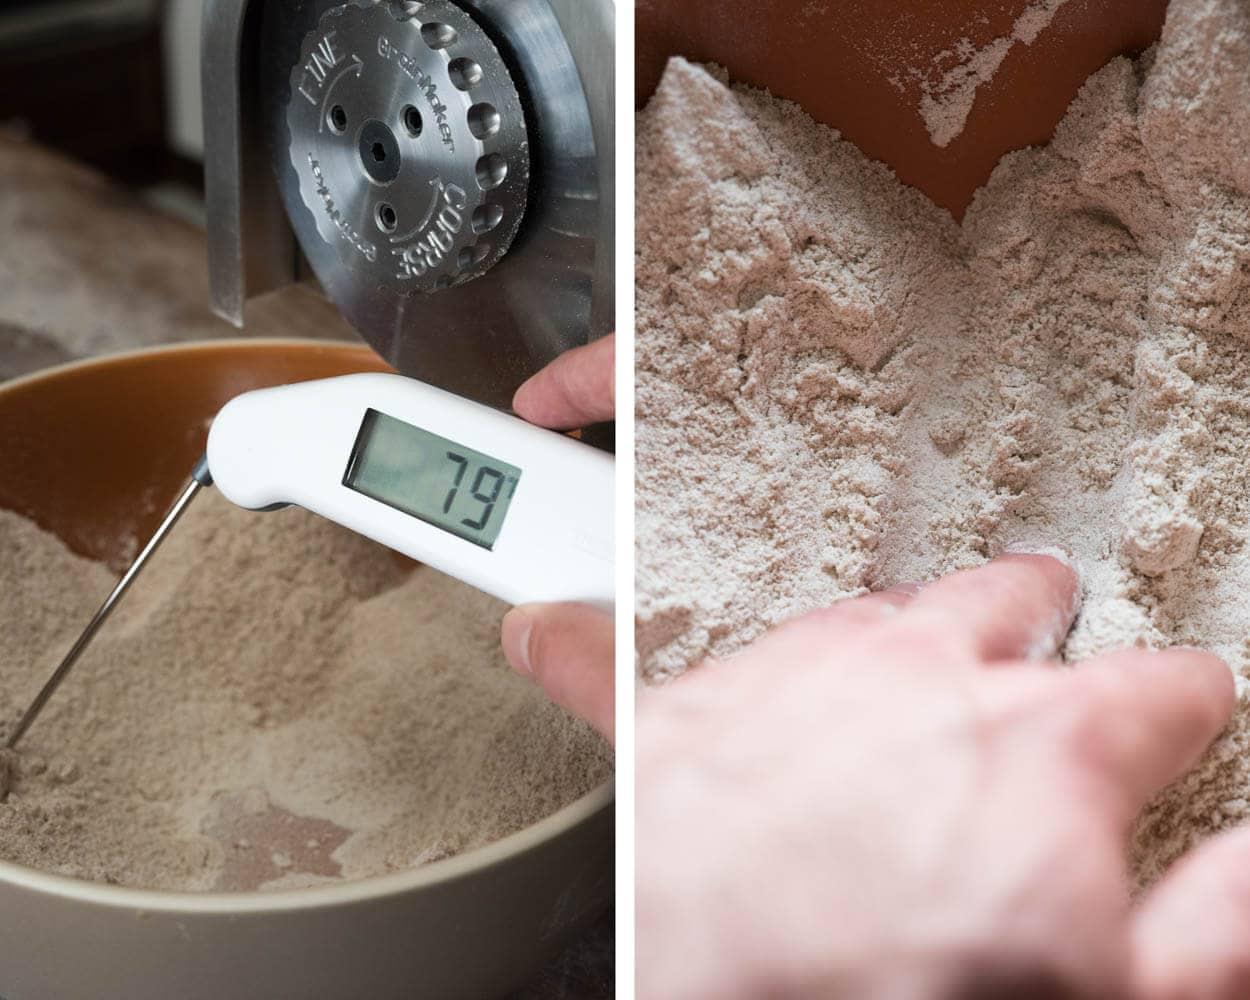 Flour at Room Temperature